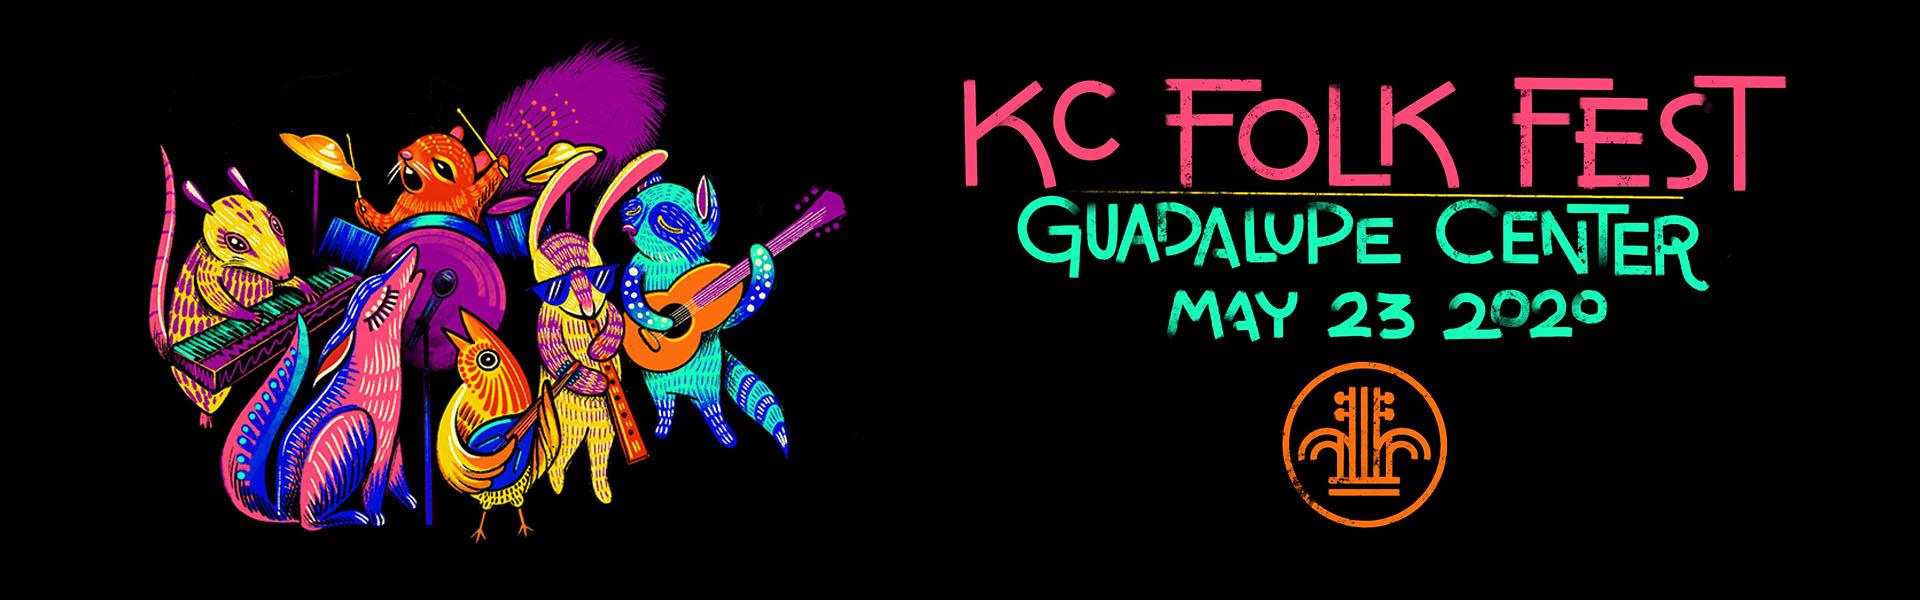 KCFF-Art-Website-Header-1920x600 copy